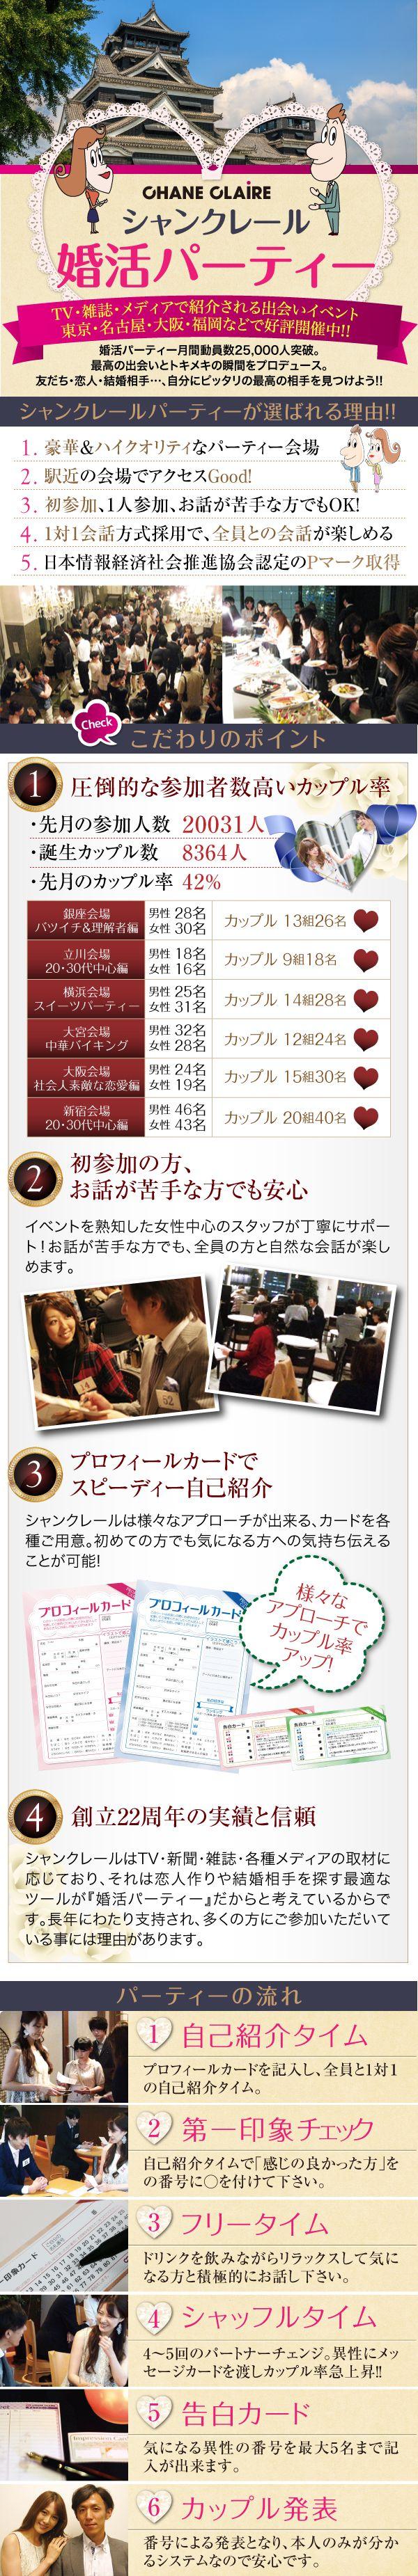 2016婚活ベース_熊本